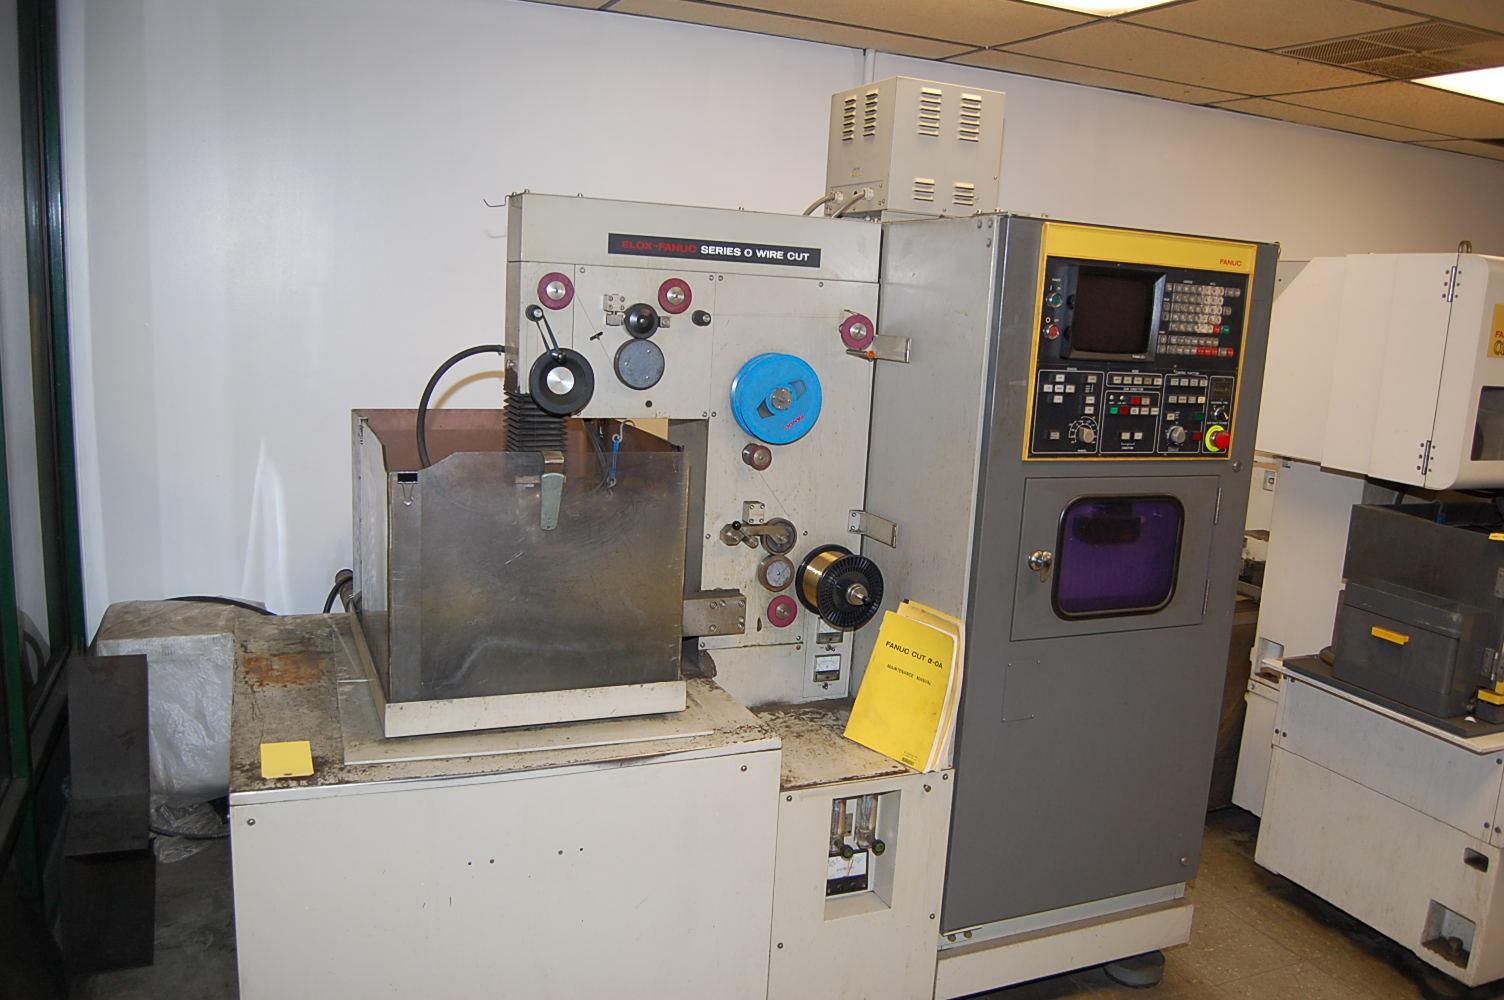 Elox-Fanuc Series O Wire Cut Electric Discharge Machine/EDM, Fanuc ...